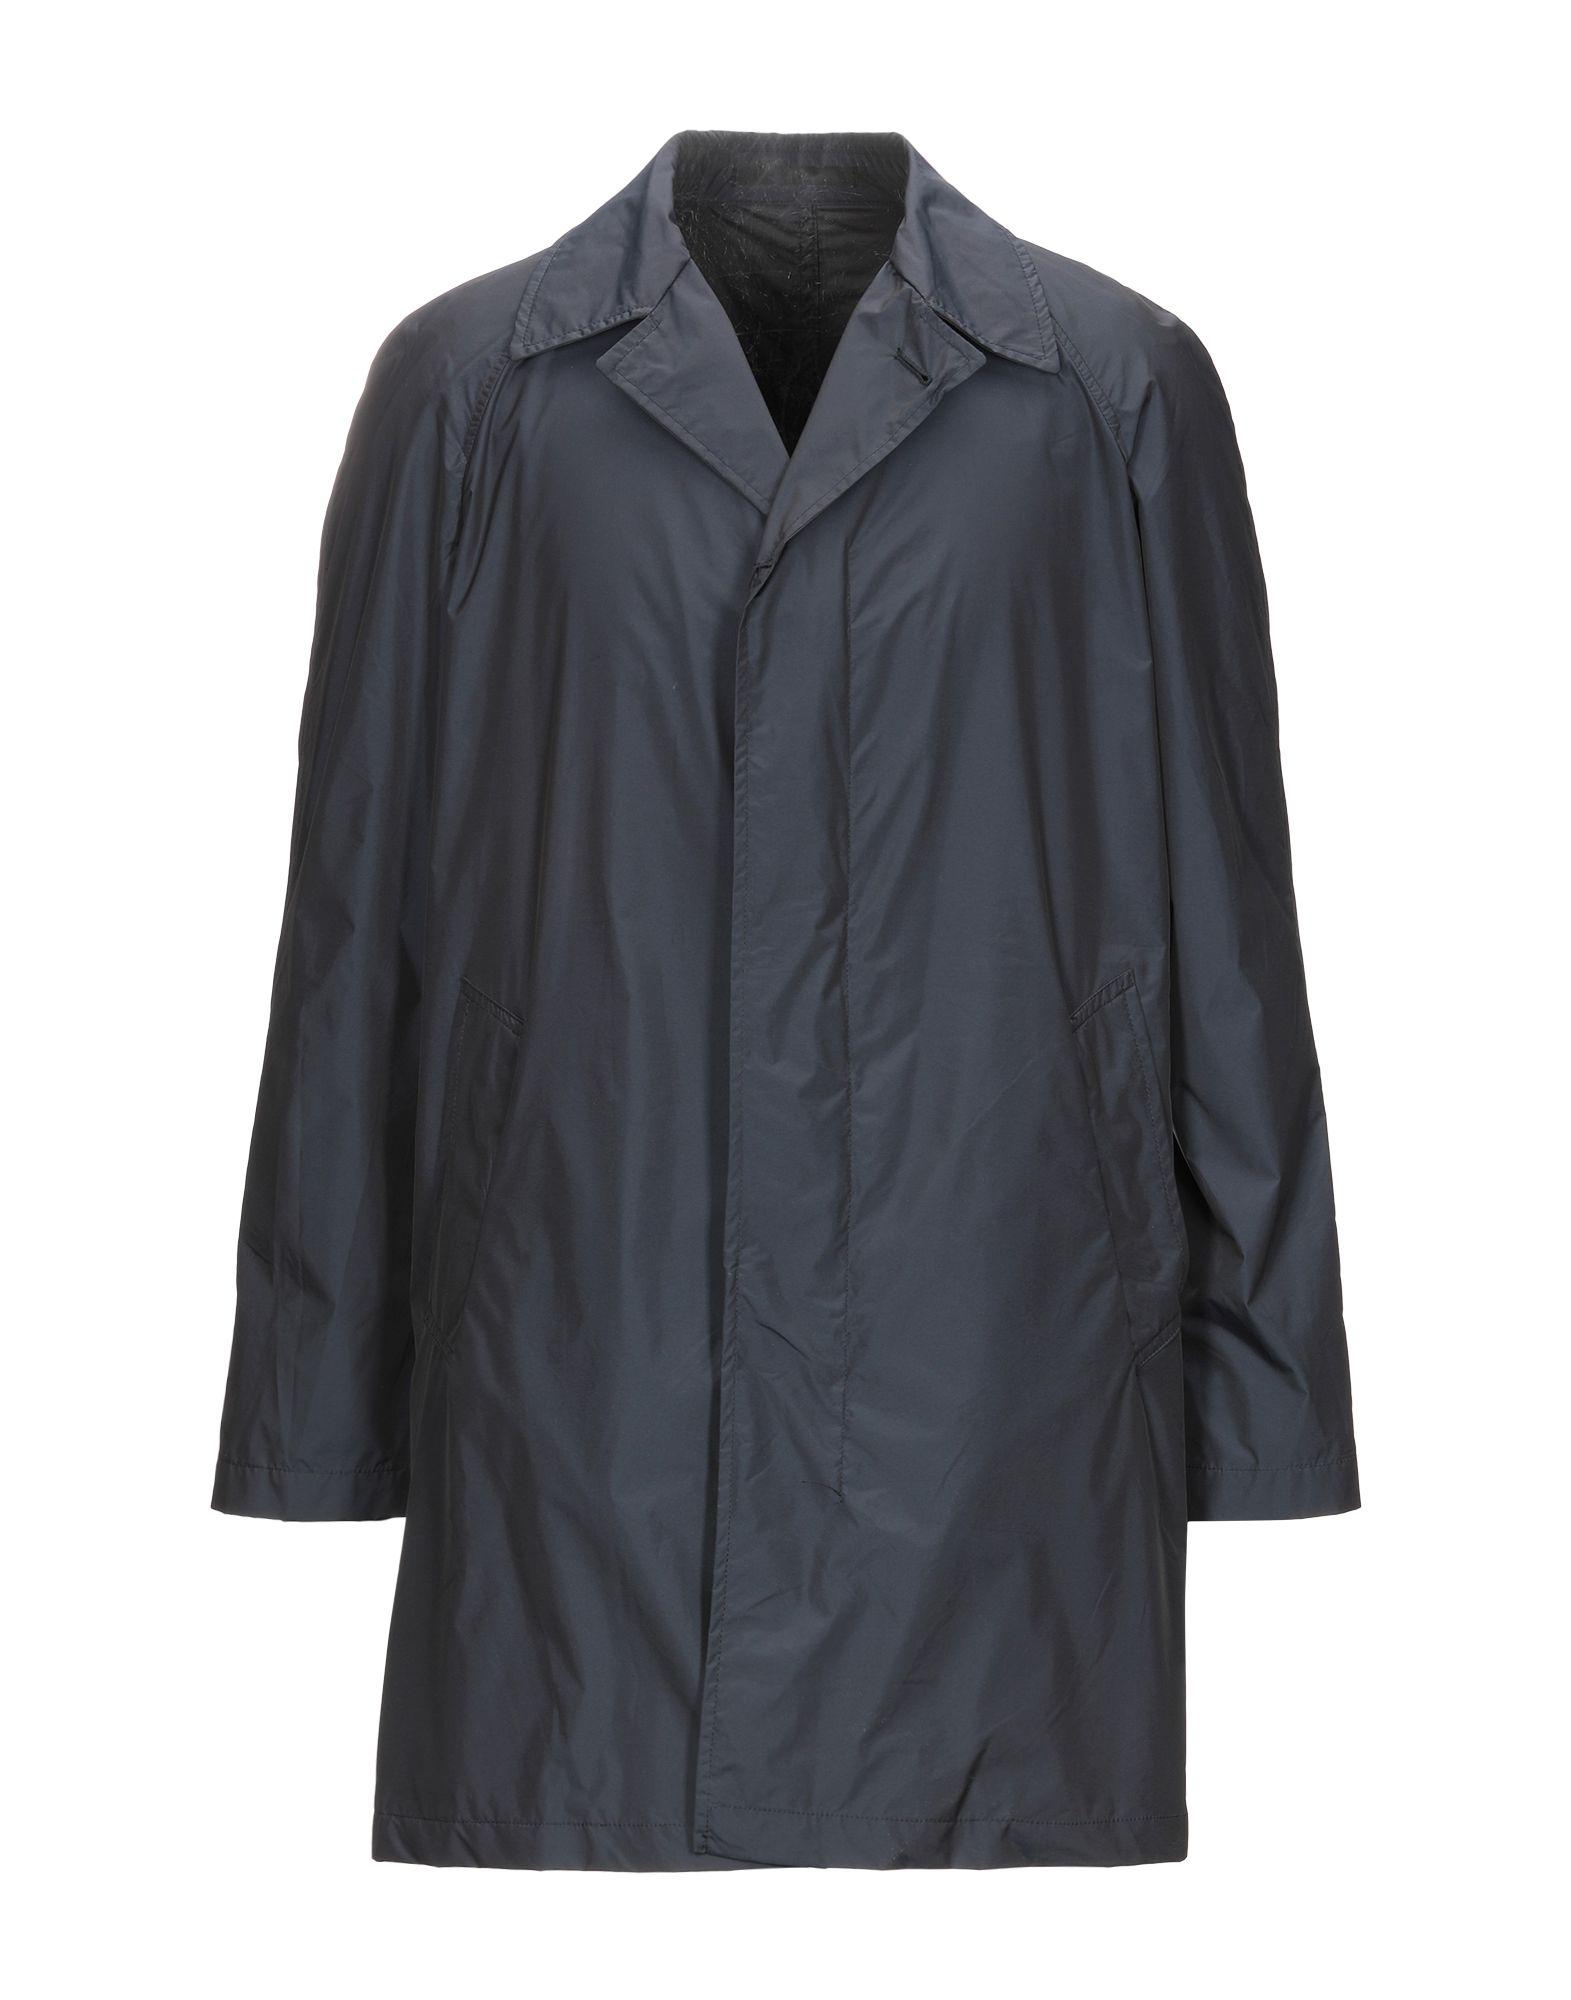 《セール開催中》BERRY & BRIAN メンズ ライトコート ダークブルー 50 ナイロン 43% / ポリエステル 34% / アクリル 23%